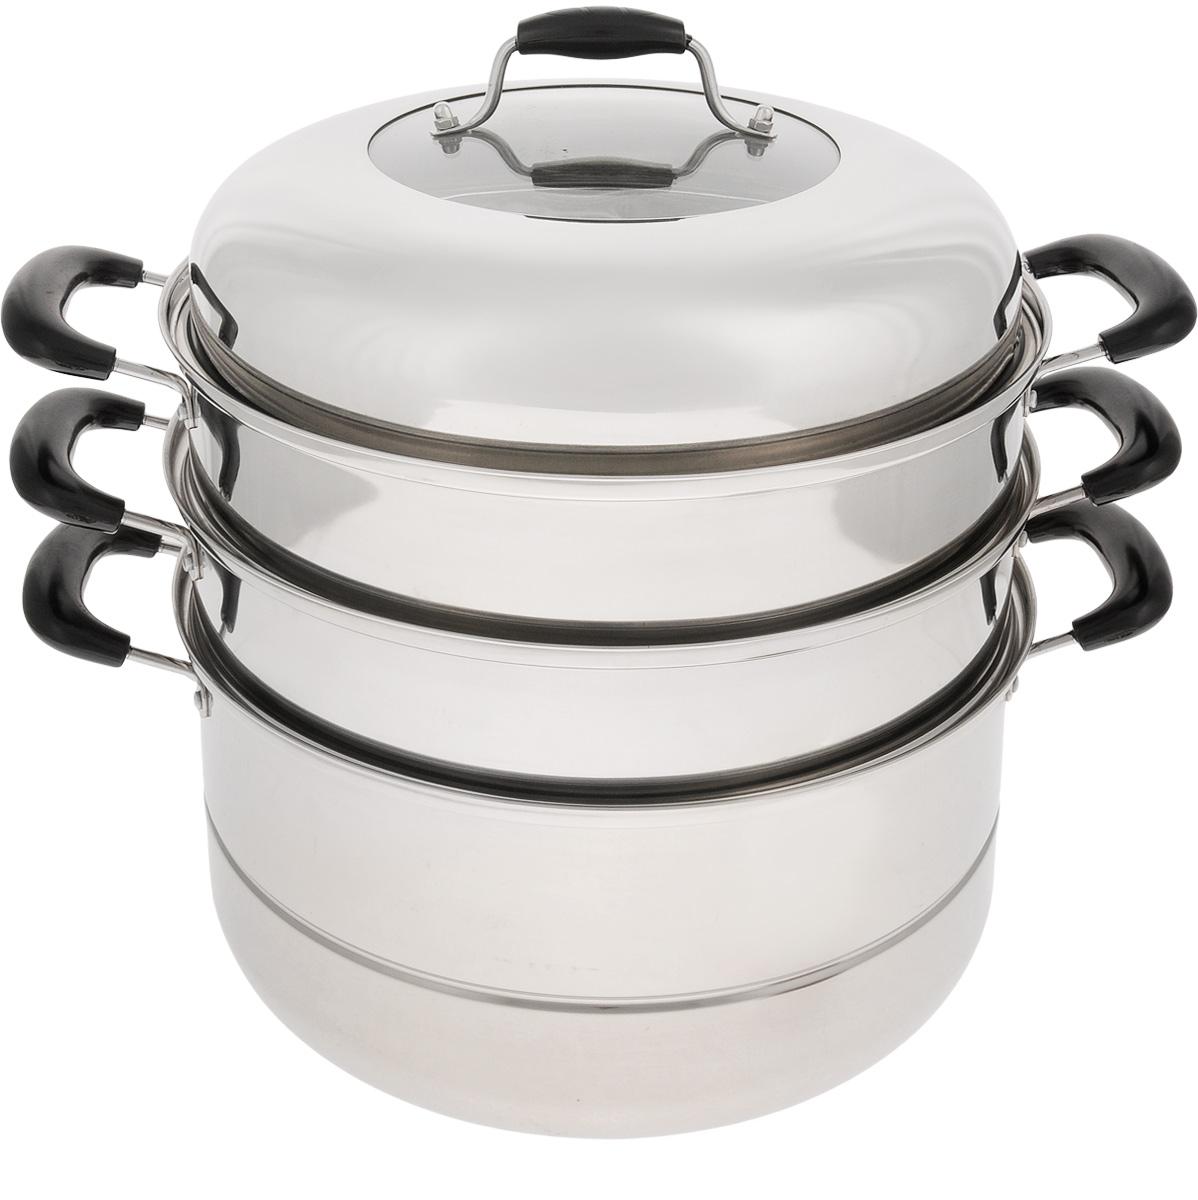 Мантоварка Mayer & Boch с крышкой, 3-уровневая, 10,5 л. 34403440Мантоварка Mayer & Boch изготовлена из высококачественной нержавеющей стали, что делает посуду износостойкой, прочной и практичной. Зеркальная полировка придает изделию особо эстетичный внешний вид. Мантоварка имеет 3 уровня: кастрюлю для бульона, 2 съемные секции с отверстиями и сетку. Изделие снабжено эргономичными бакелитовыми ручками, которые обеспечивают комфортное использование. Крышка, выполненная из нержавеющей стали и жаропрочного стекла, оснащена удобной ручкой и небольшими отверстиями для выпуска пара.Глубина изделия, диаметр отверстий, объем специально предназначены для приготовления мантов. В мантоварке также можно готовить и другие блюда: овощи, котлеты или пельмени. Готовить на пару очень просто, продукты не пригорают и не склеиваются, а готовое блюдо выходит рассыпчатым и ароматным. Питательные элементы и витамины не растворяются в воде, а остаются в продуктах. Еда получается не только полезной, но и по-настоящему вкусной.Подходит для газовых, электрических и стеклокерамических плит. Внутренний диаметр кастрюли: 30 см. Диаметр отверстий секции мантоварки: 6 мм. Высота стенки кастрюли: 16,5 см. Высота стенки секции: 9 см. Ширина кастрюли (с учетом ручек): 43 см. Общая высота мантоварки (с учетом крышки): 41 см. Общая высота мантоварки (без учета крышки): 29 см.